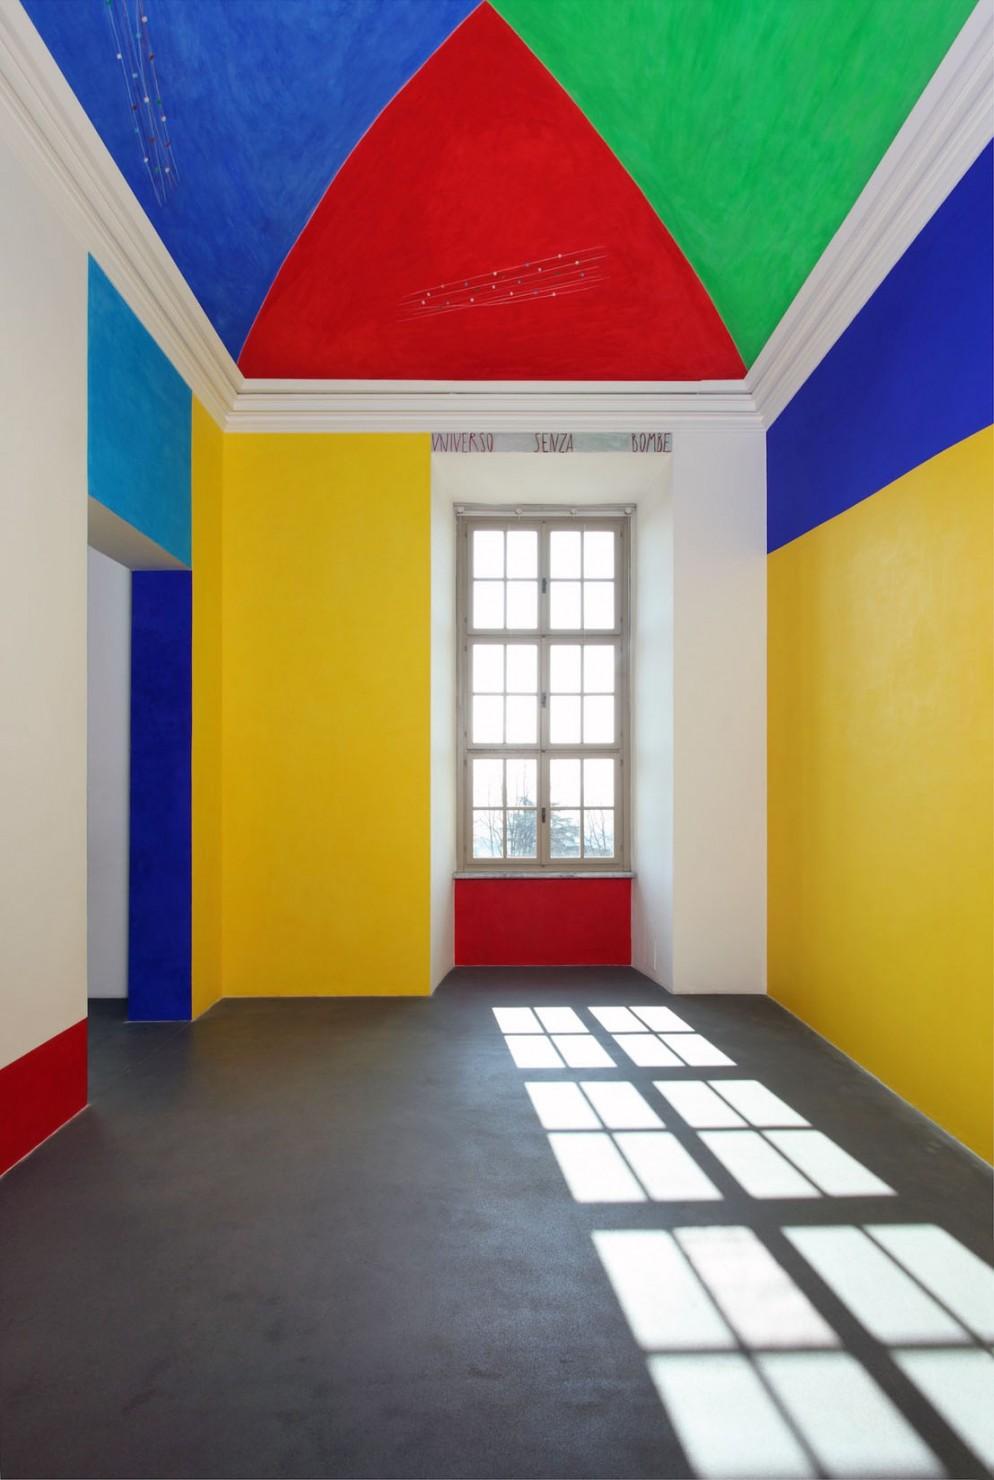 design-tour-torino-indirizzi-alberghi-ristoranti-musei-gallerie-07